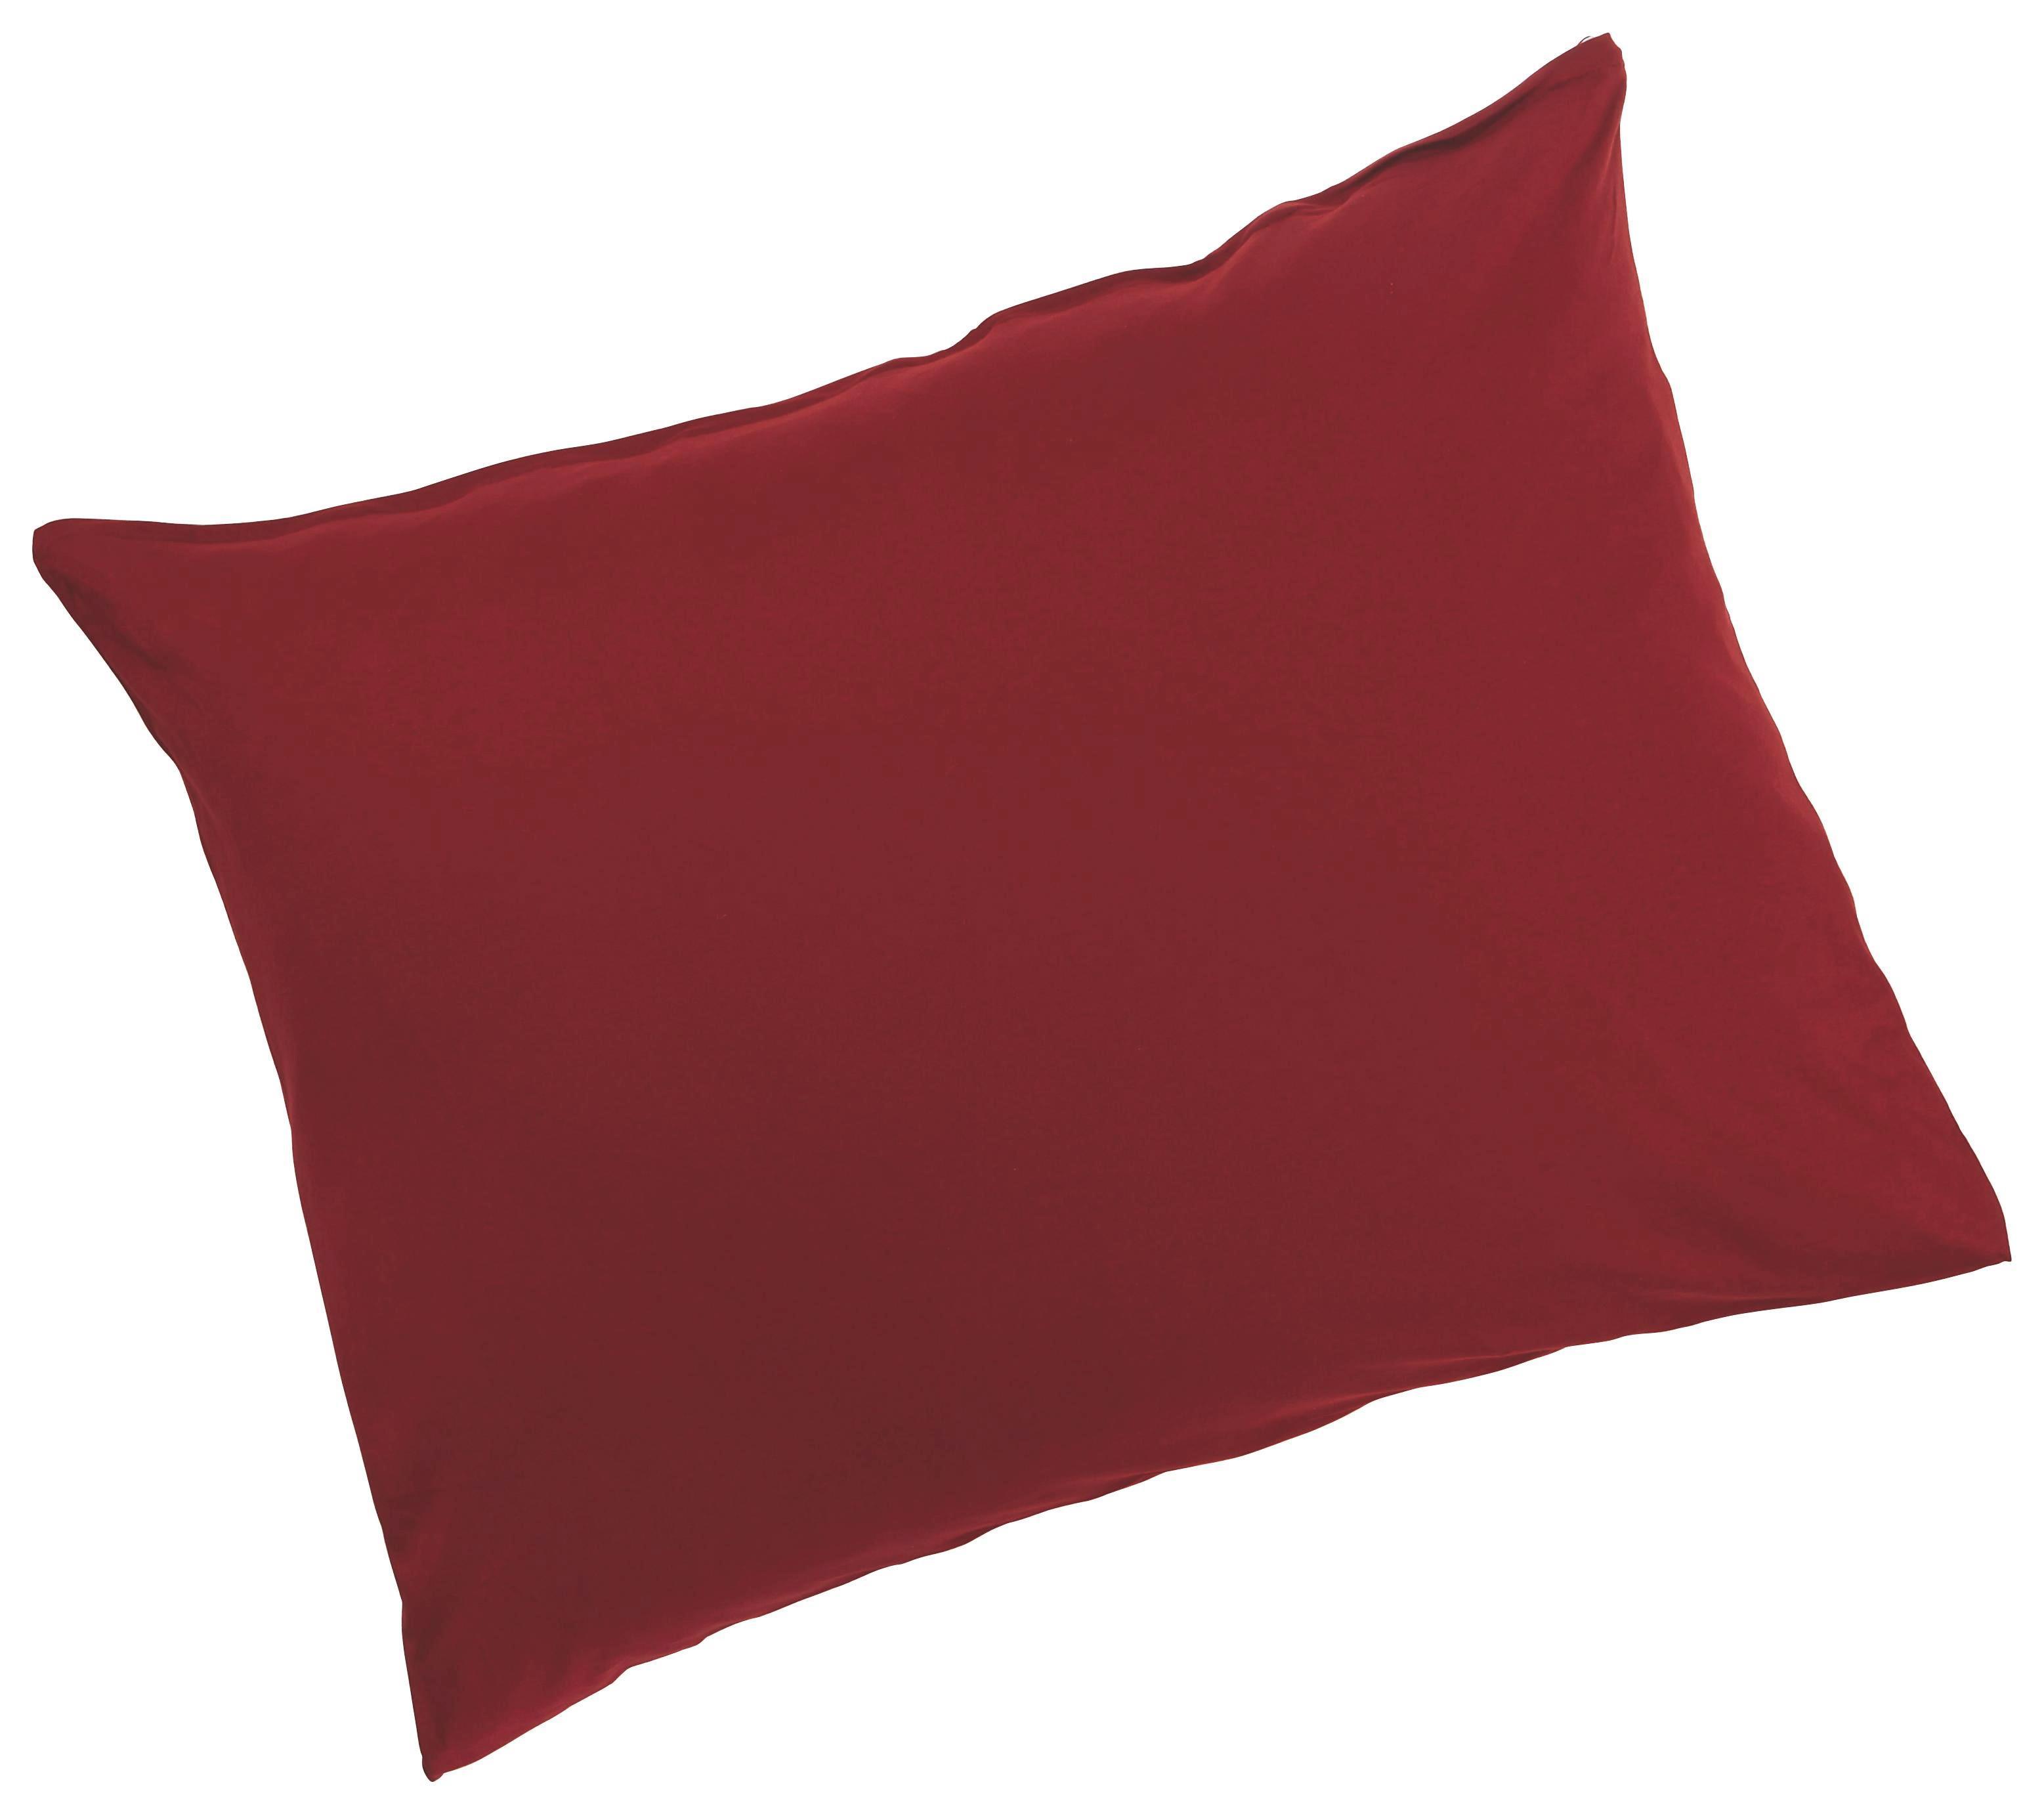 Párnahuzat Antoinette - lila/bordó, konvencionális, textil (70/90cm) - OMBRA